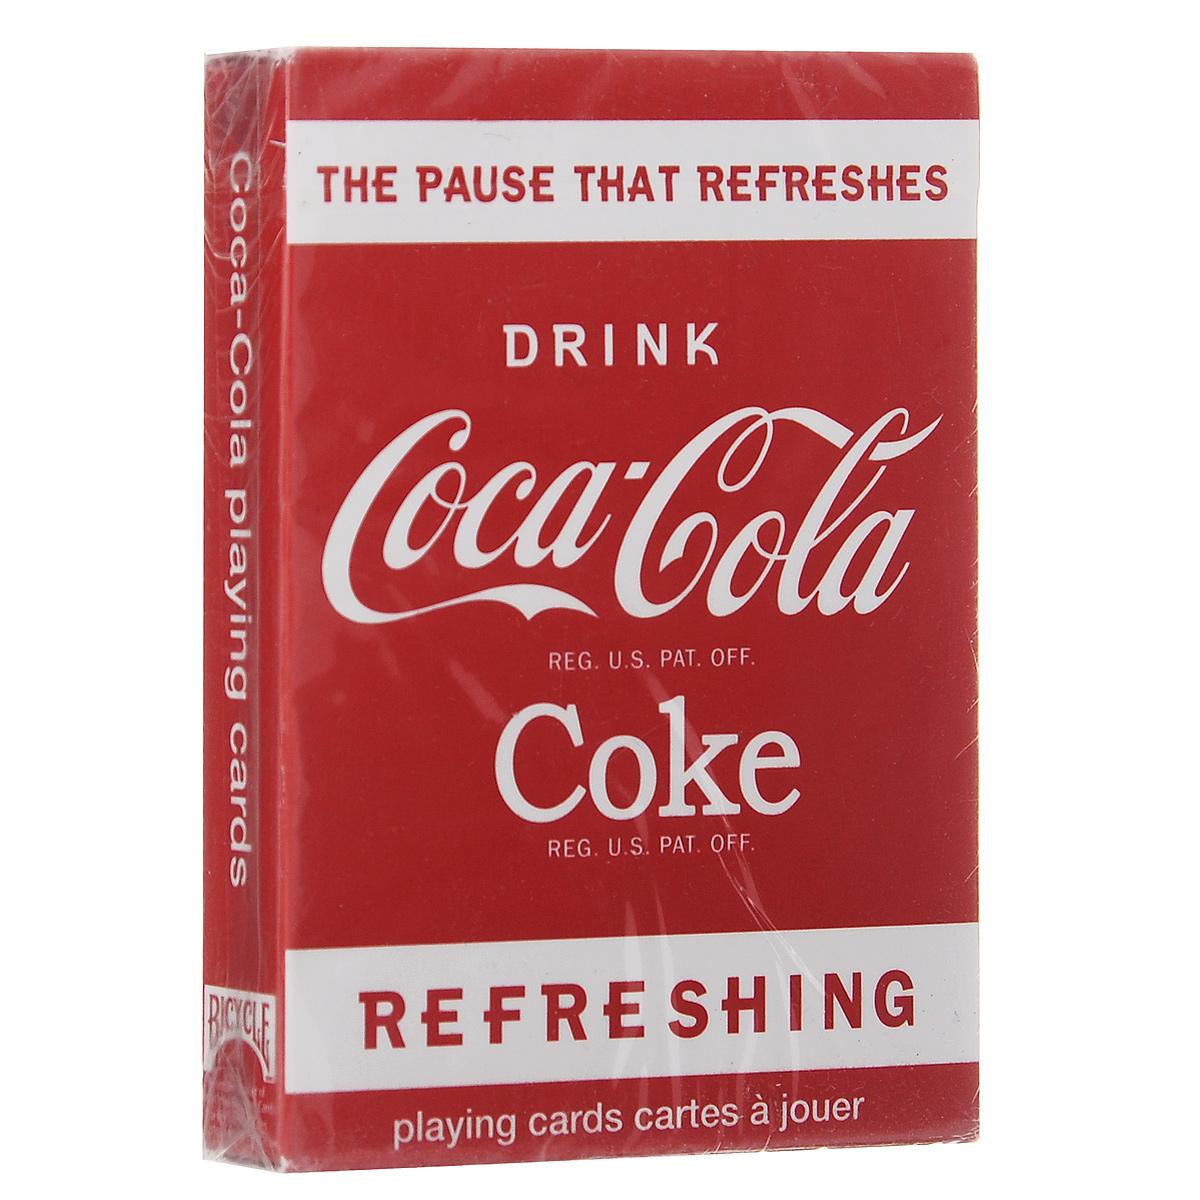 Игральные карты Bicycle Coca - Cola, цвет: красный, белый, 54 штК-199Сделайте паузу и побалуйте себя прохладительными напитками. Новая колода United States Playing Cards освежит ваше представление Кока-Колой. Эта колода из 54 карт покажет вам разные периоды жизни бренда. Переживите вновь историю Кока-Колы.